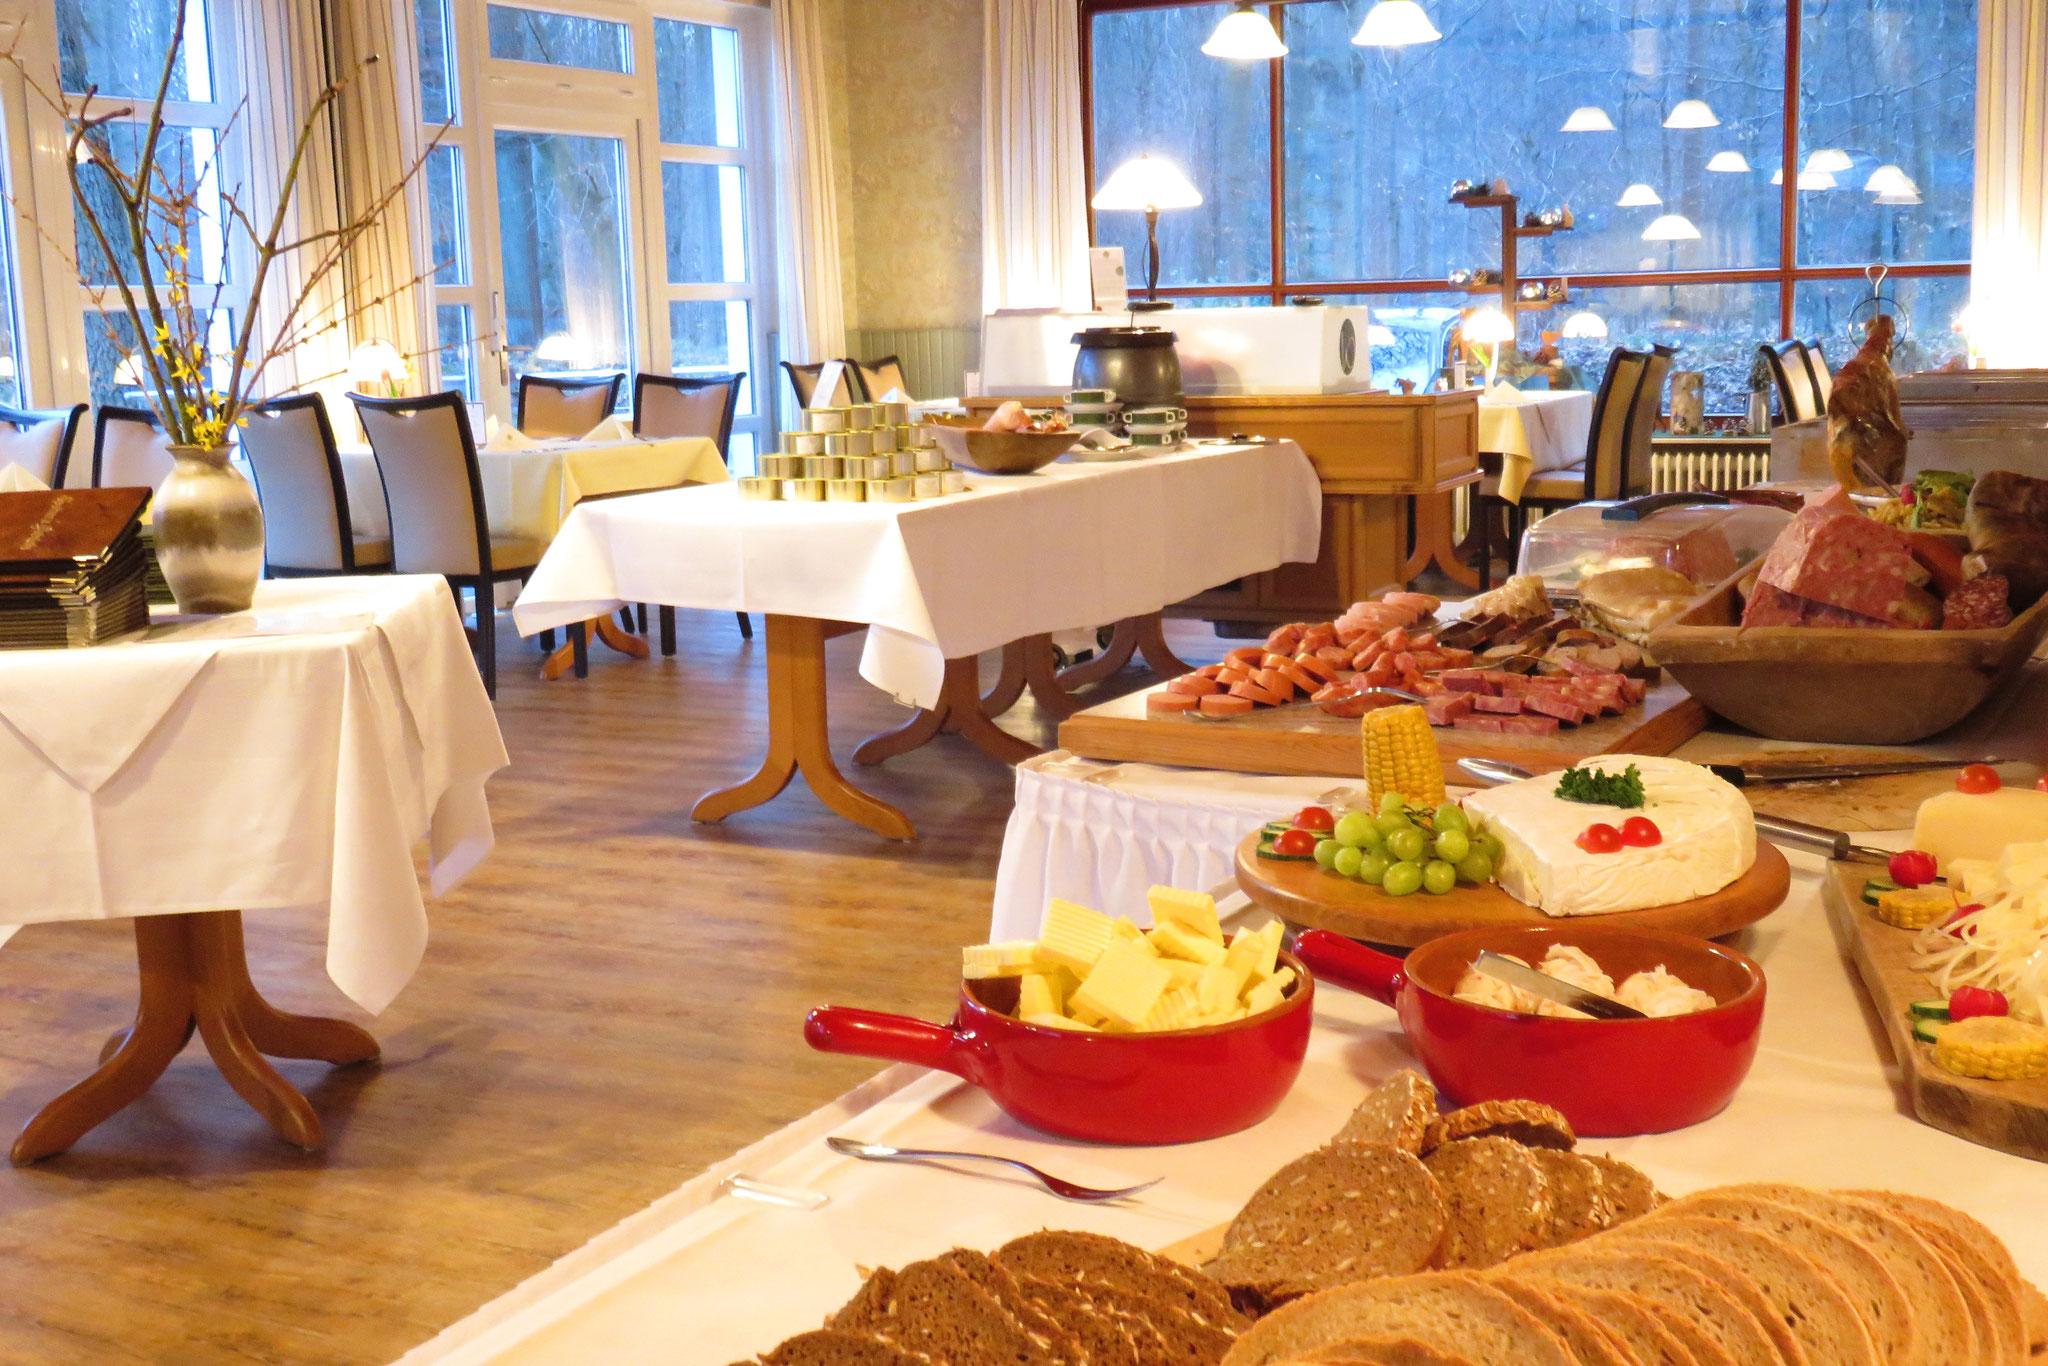 Familienfeiern und Veranstaltungen im Restaurant Waldesruh